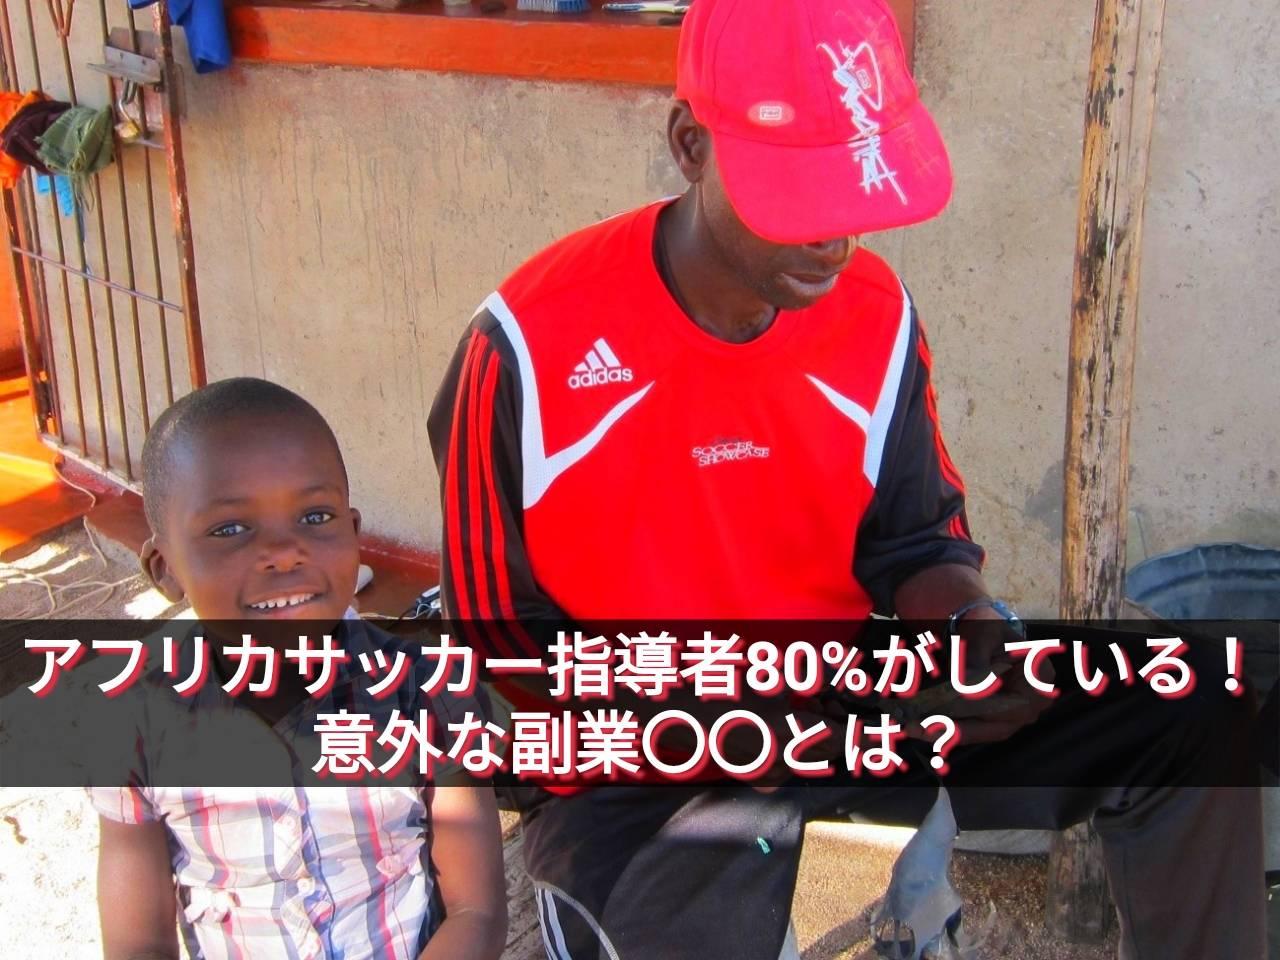 アフリカのサッカー指導者80%がしている意外な副業○○とは?